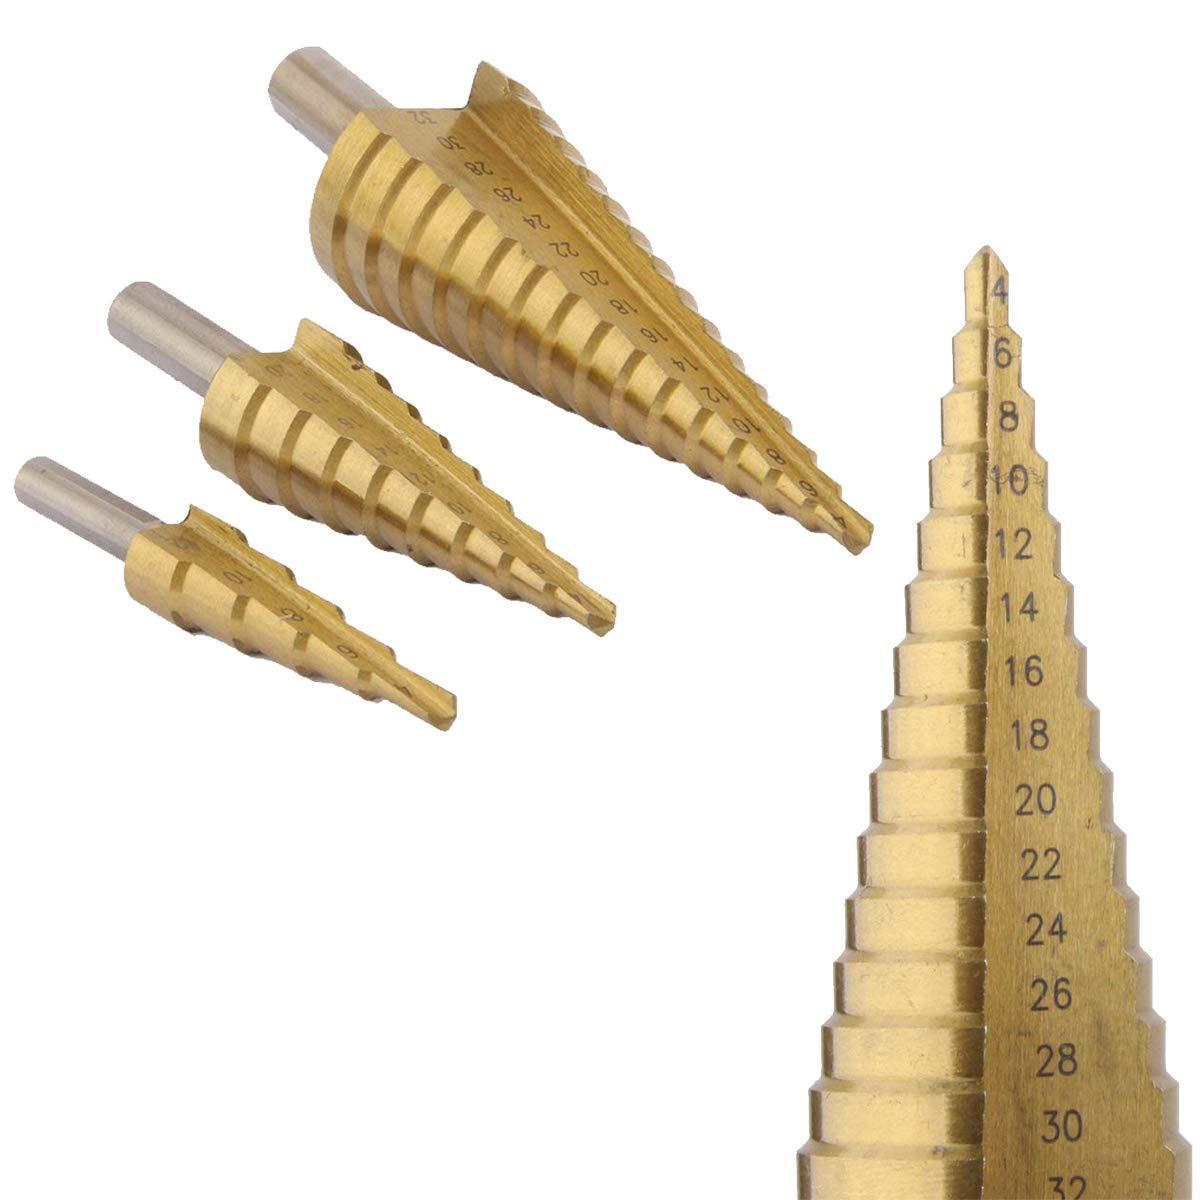 set-01sb-3x-large-hss-steel-step-cone-drill-titanium-bit-set-hole-cutter-4-122032mm